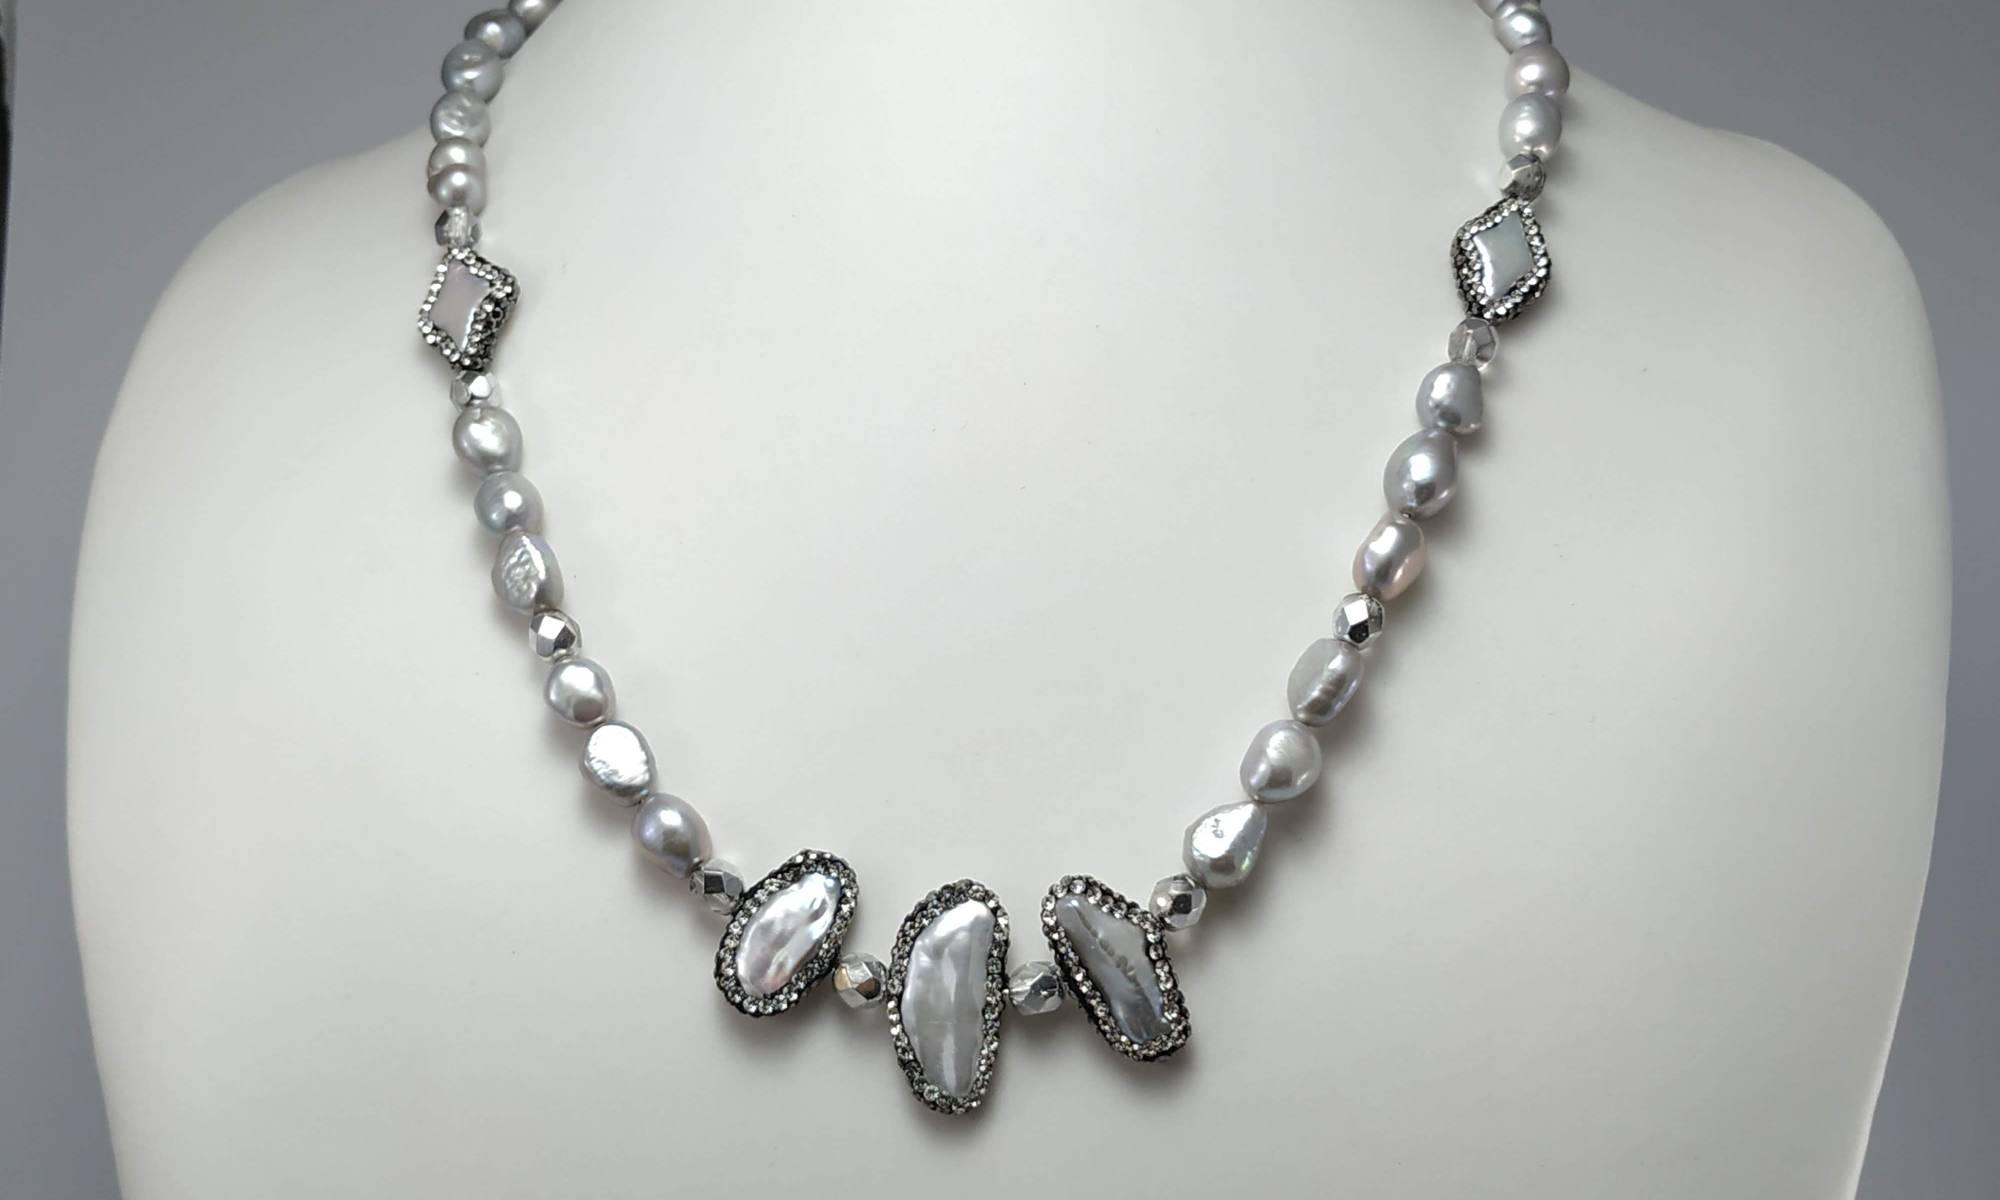 Collana lunga elegante perle barocche di fiume color grigio con  distanziatore cristalli e perle con strass. 7e7b65caf7b0